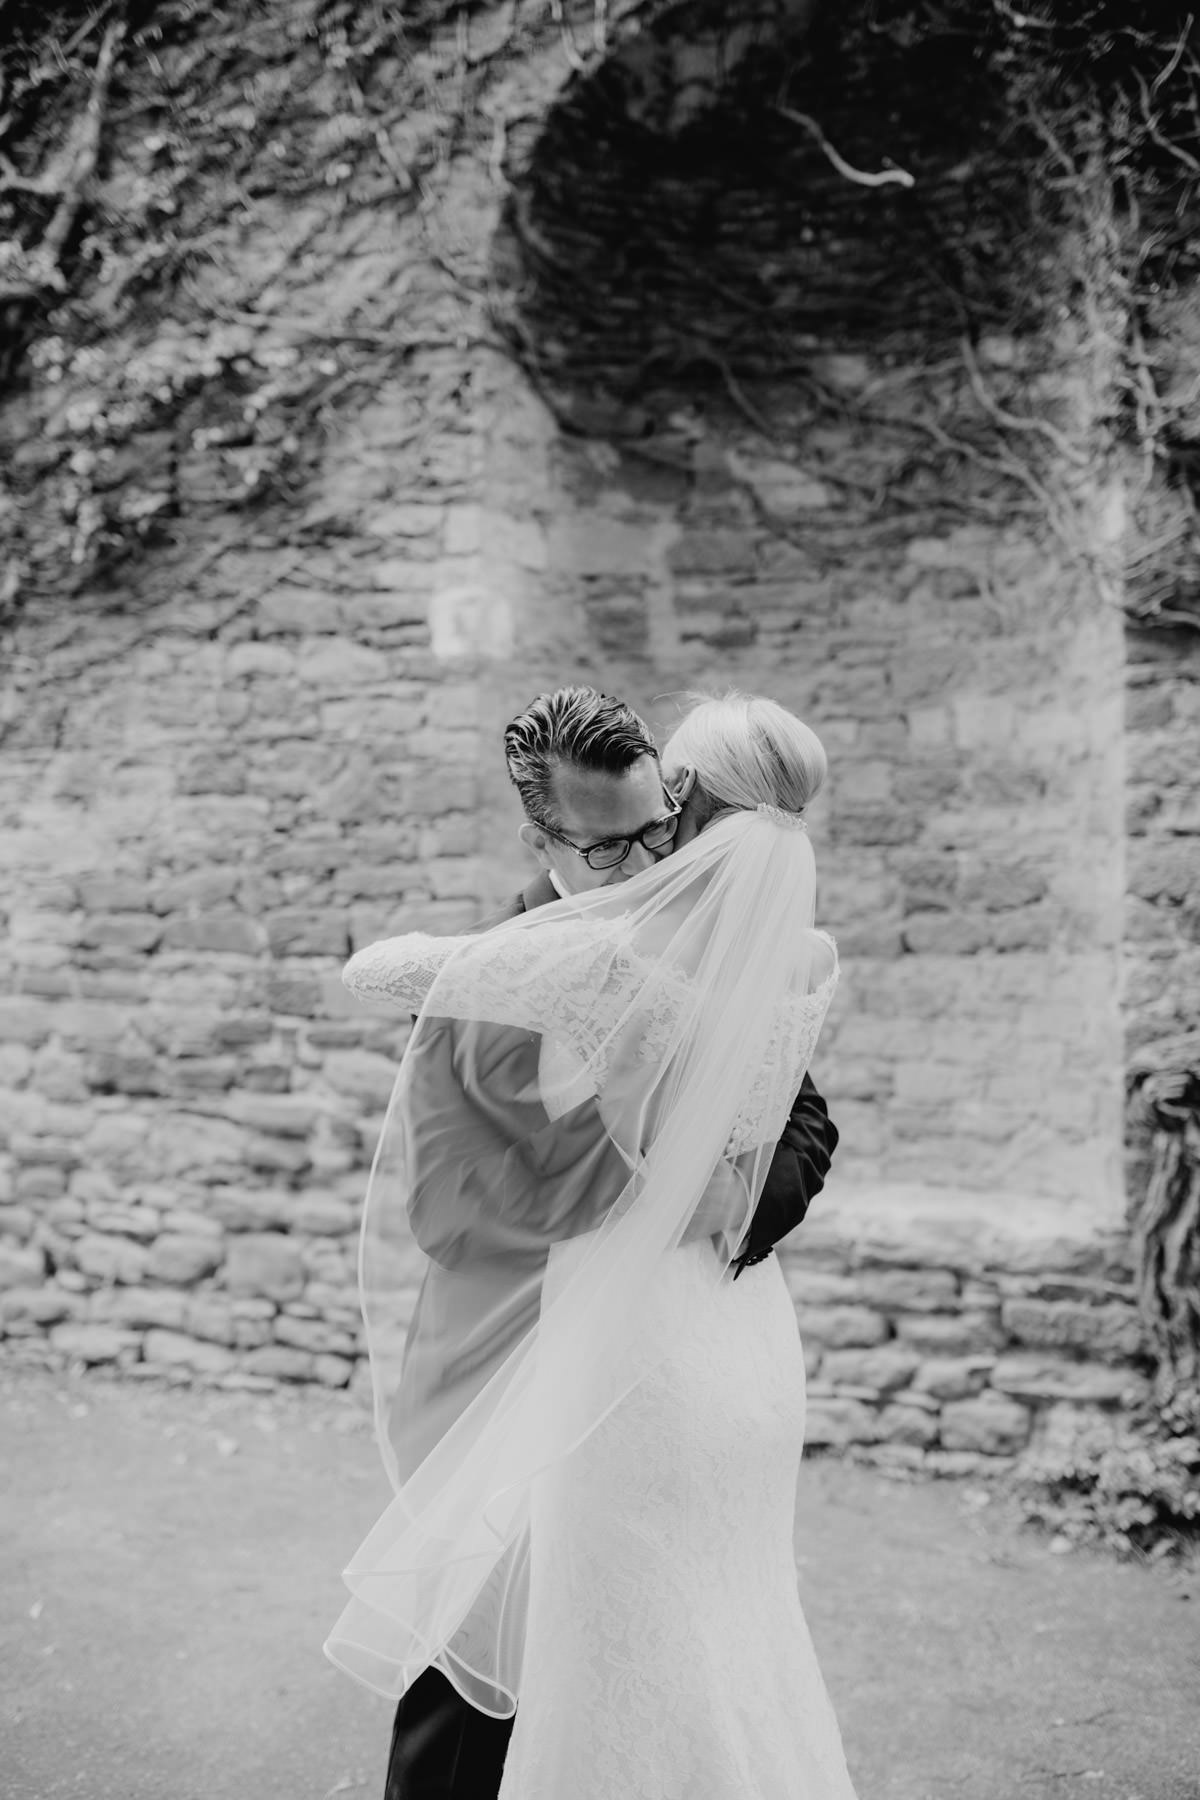 Emotionales Bild einer professiollen Hochzeitsreportage